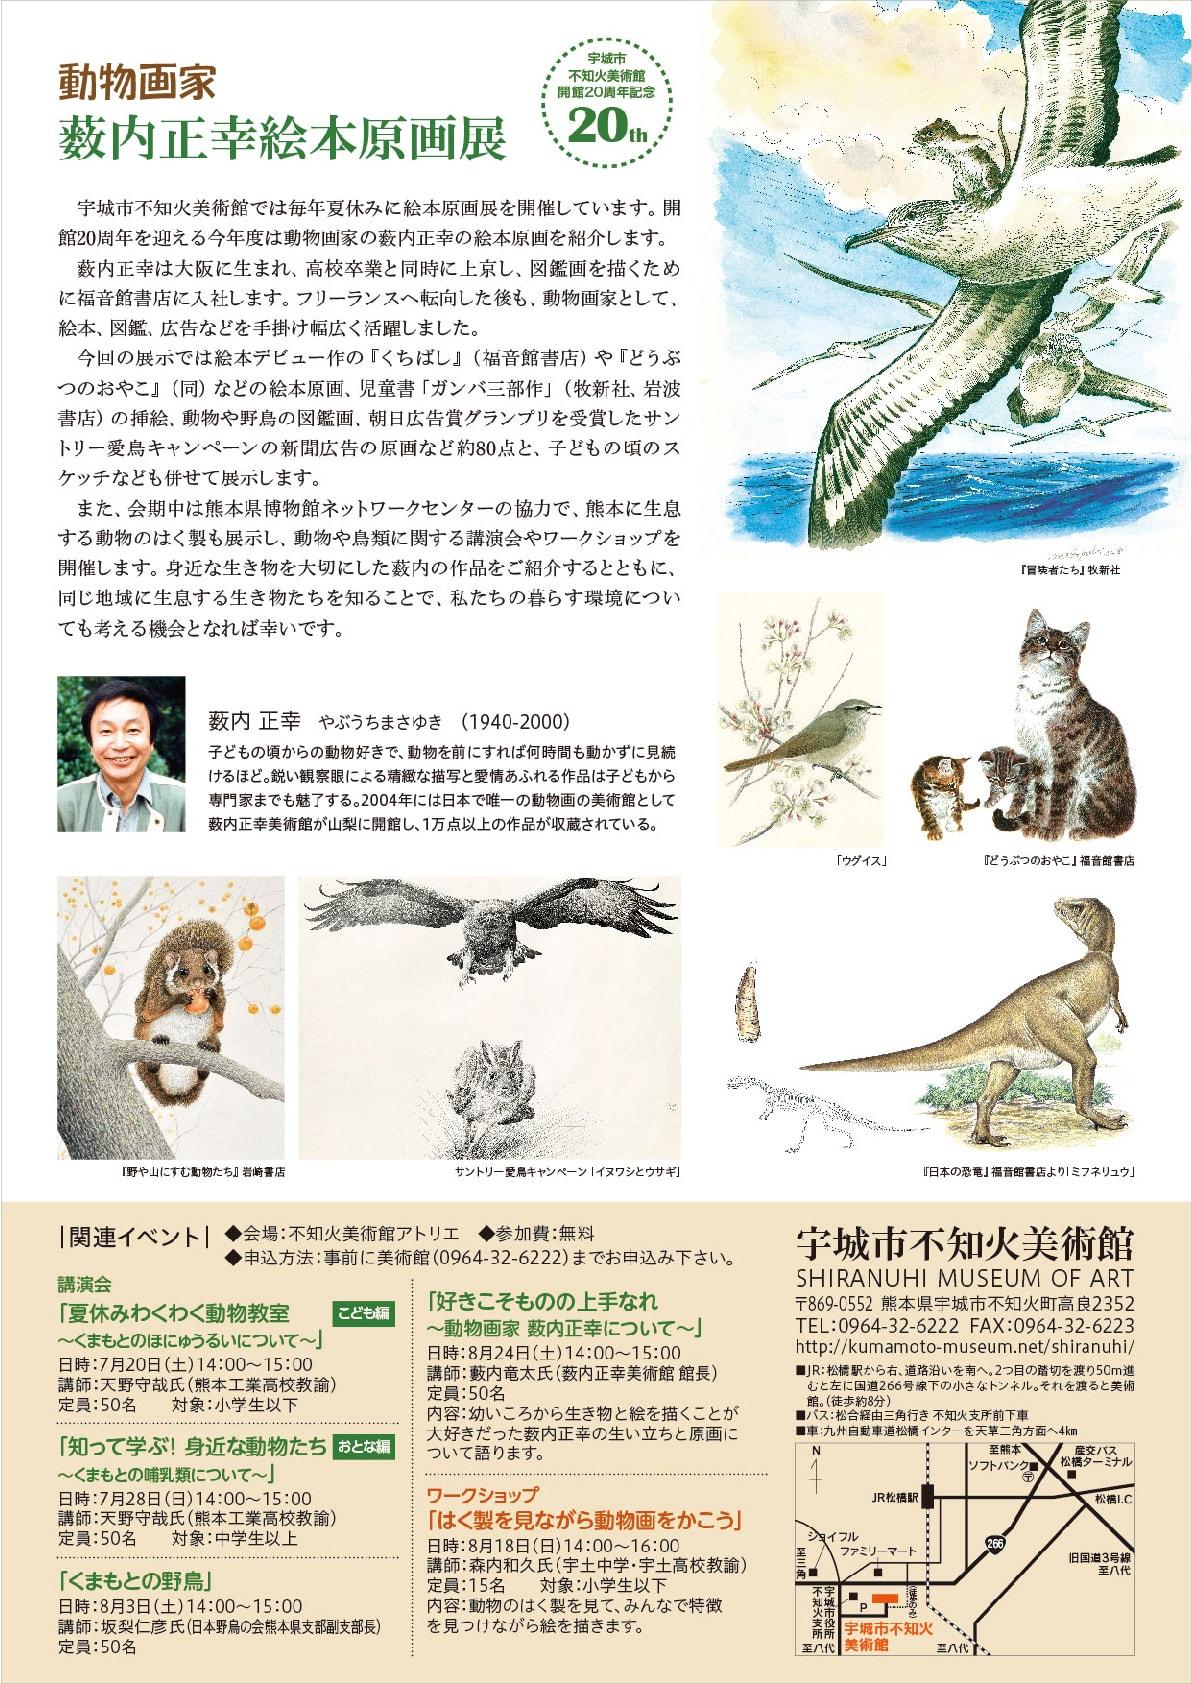 開館20周年記念 動物画家 薮内正幸絵本原画展チラシ2